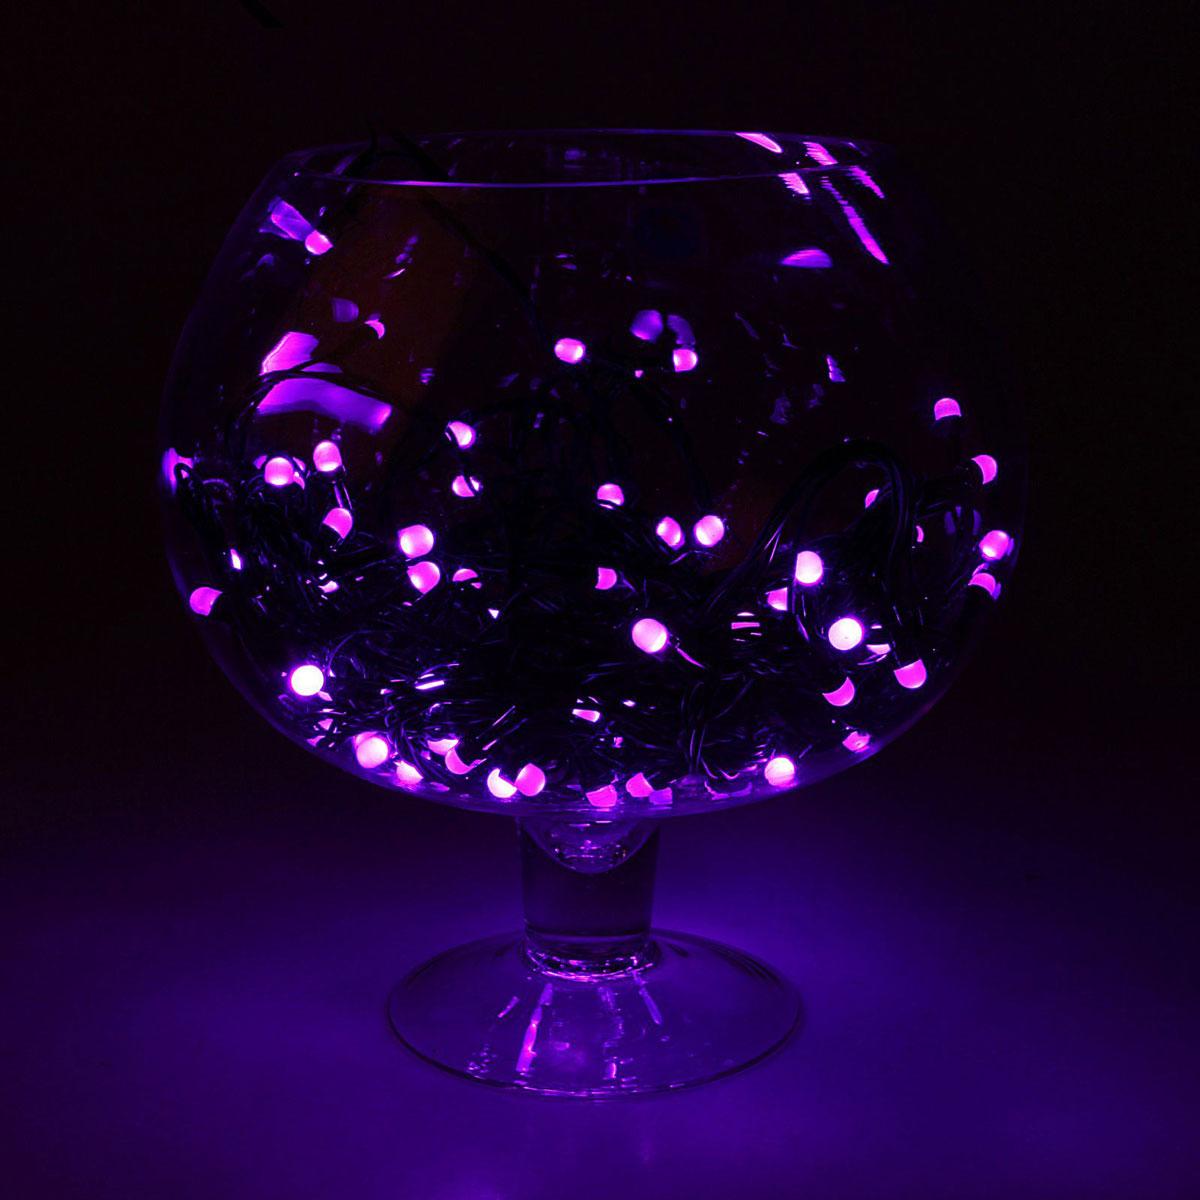 Гирлянда светодиодная Luazon Метраж, уличная, 8 режимов, 100 ламп, 220 V, 10 м, цвет: фиолетовый. 10805561080556Светодиодные гирлянды, ленты и т.д. — это отличный вариант для новогоднего оформления интерьера или фасада. С их помощью помещение любого размера можно превратить в праздничный зал, а внешние элементы зданий, украшенные ими, мгновенно станут напоминать очертания сказочного дворца. Такие украшения создают ауру предвкушения чуда. Деревья, фасады, витрины, окна и арки будто специально созданы, чтобы вы украсили их светящимися нитями.